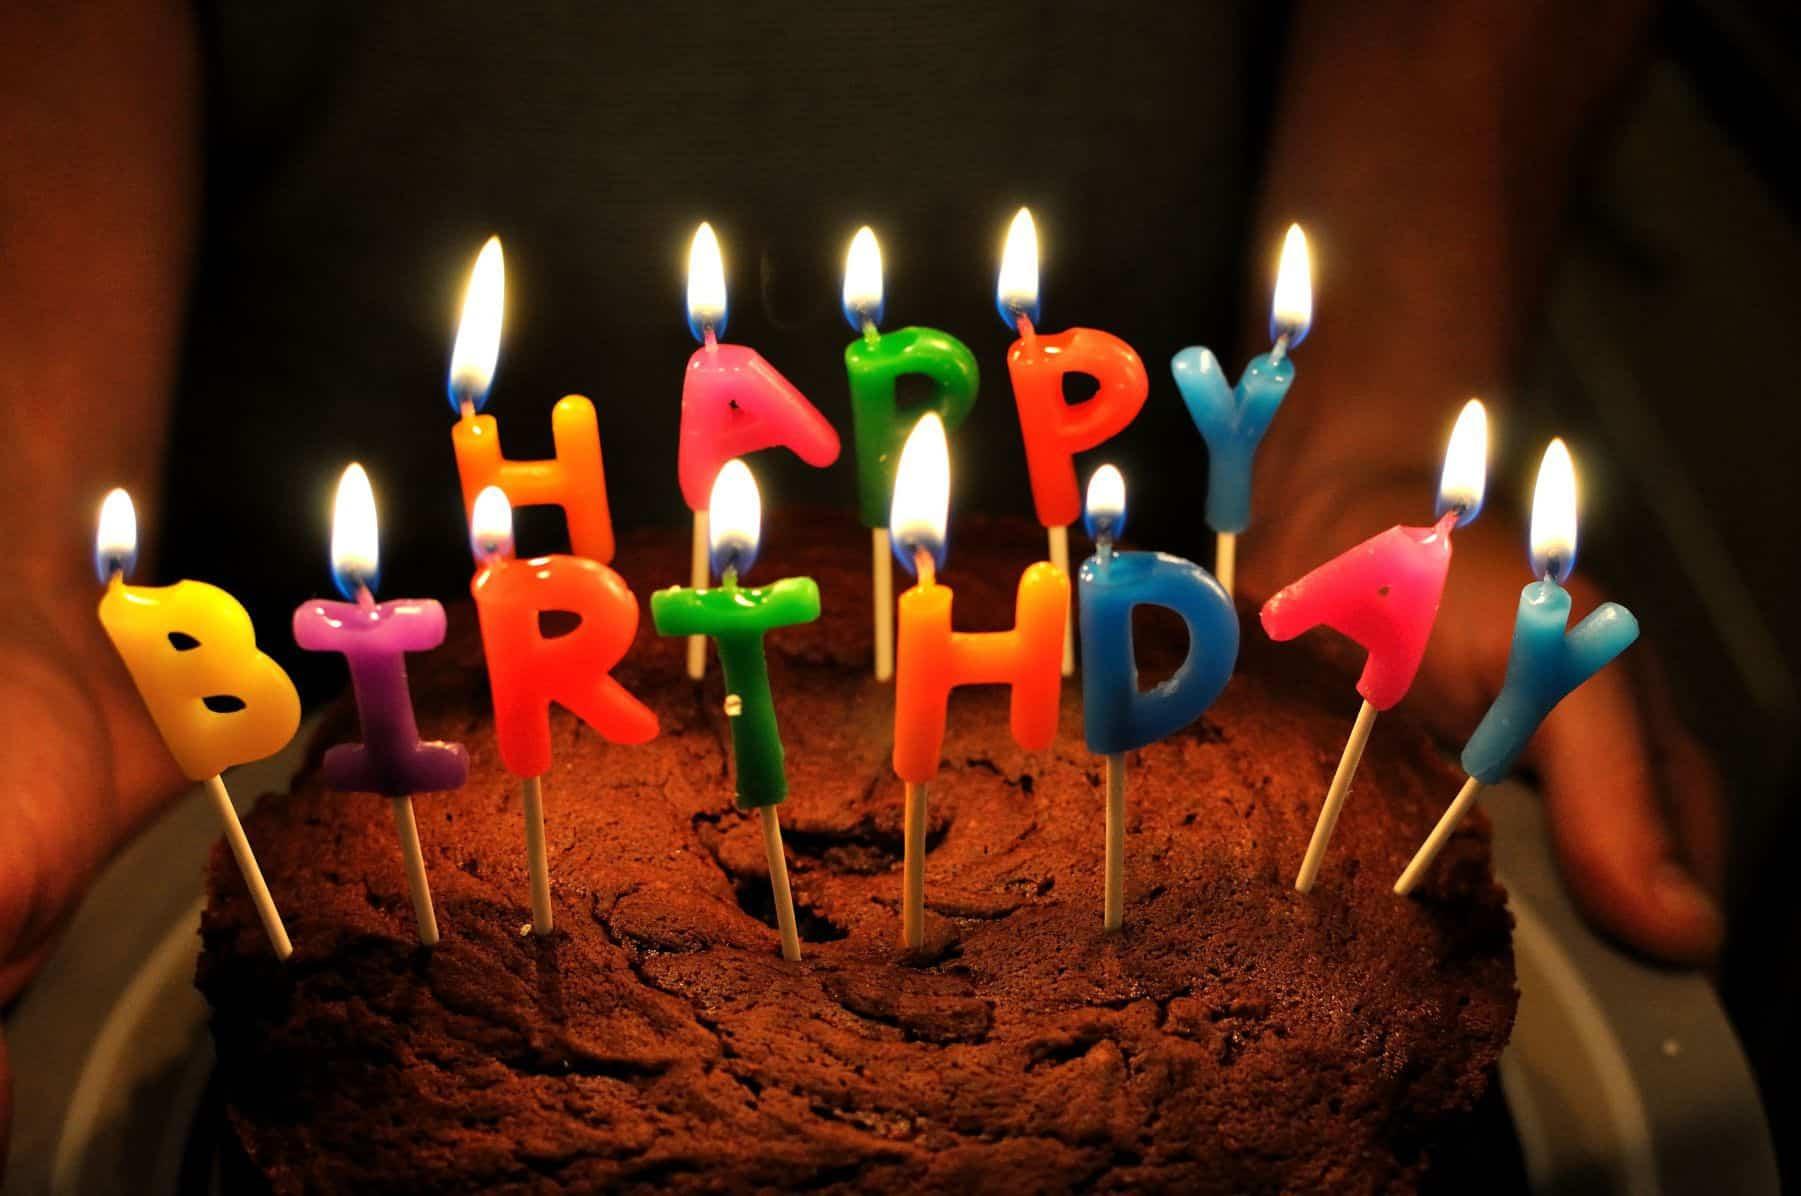 صورة اجمل تهنئة عيد ميلاد 1109 1